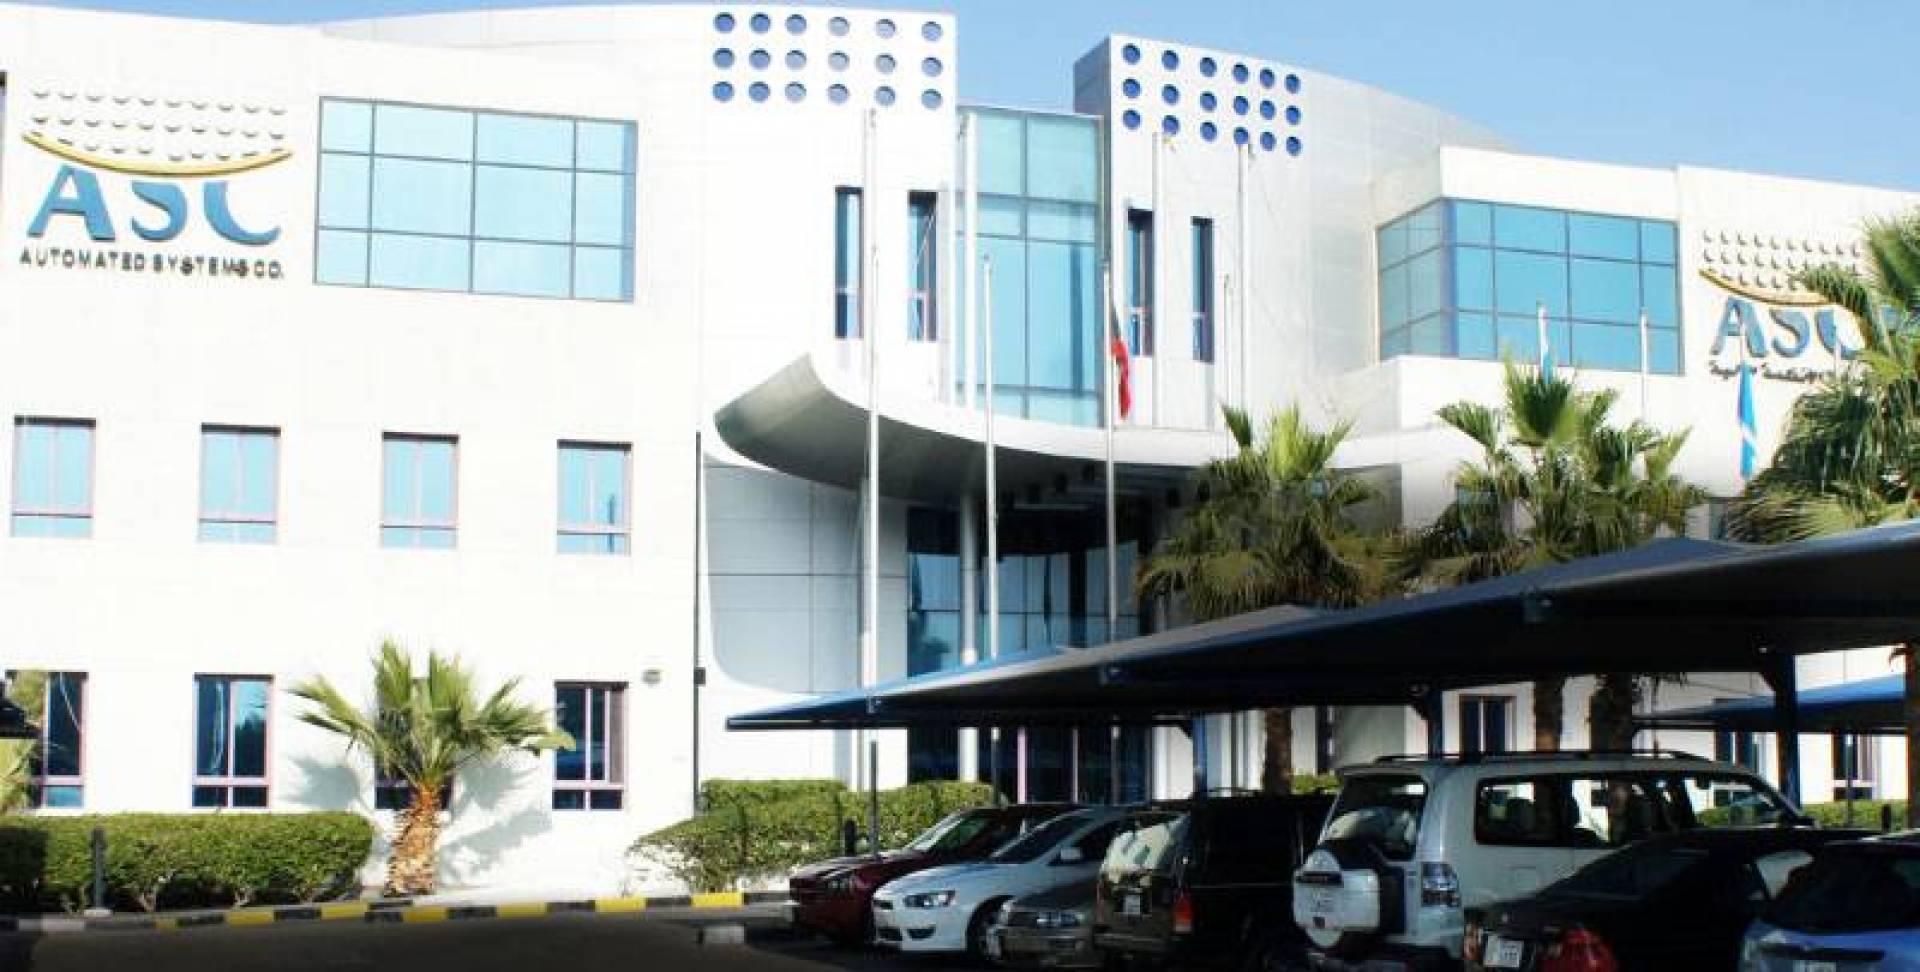 «الأنظمة»: عقد مع «الكويتية» بـ 3.7 ملايين دينار